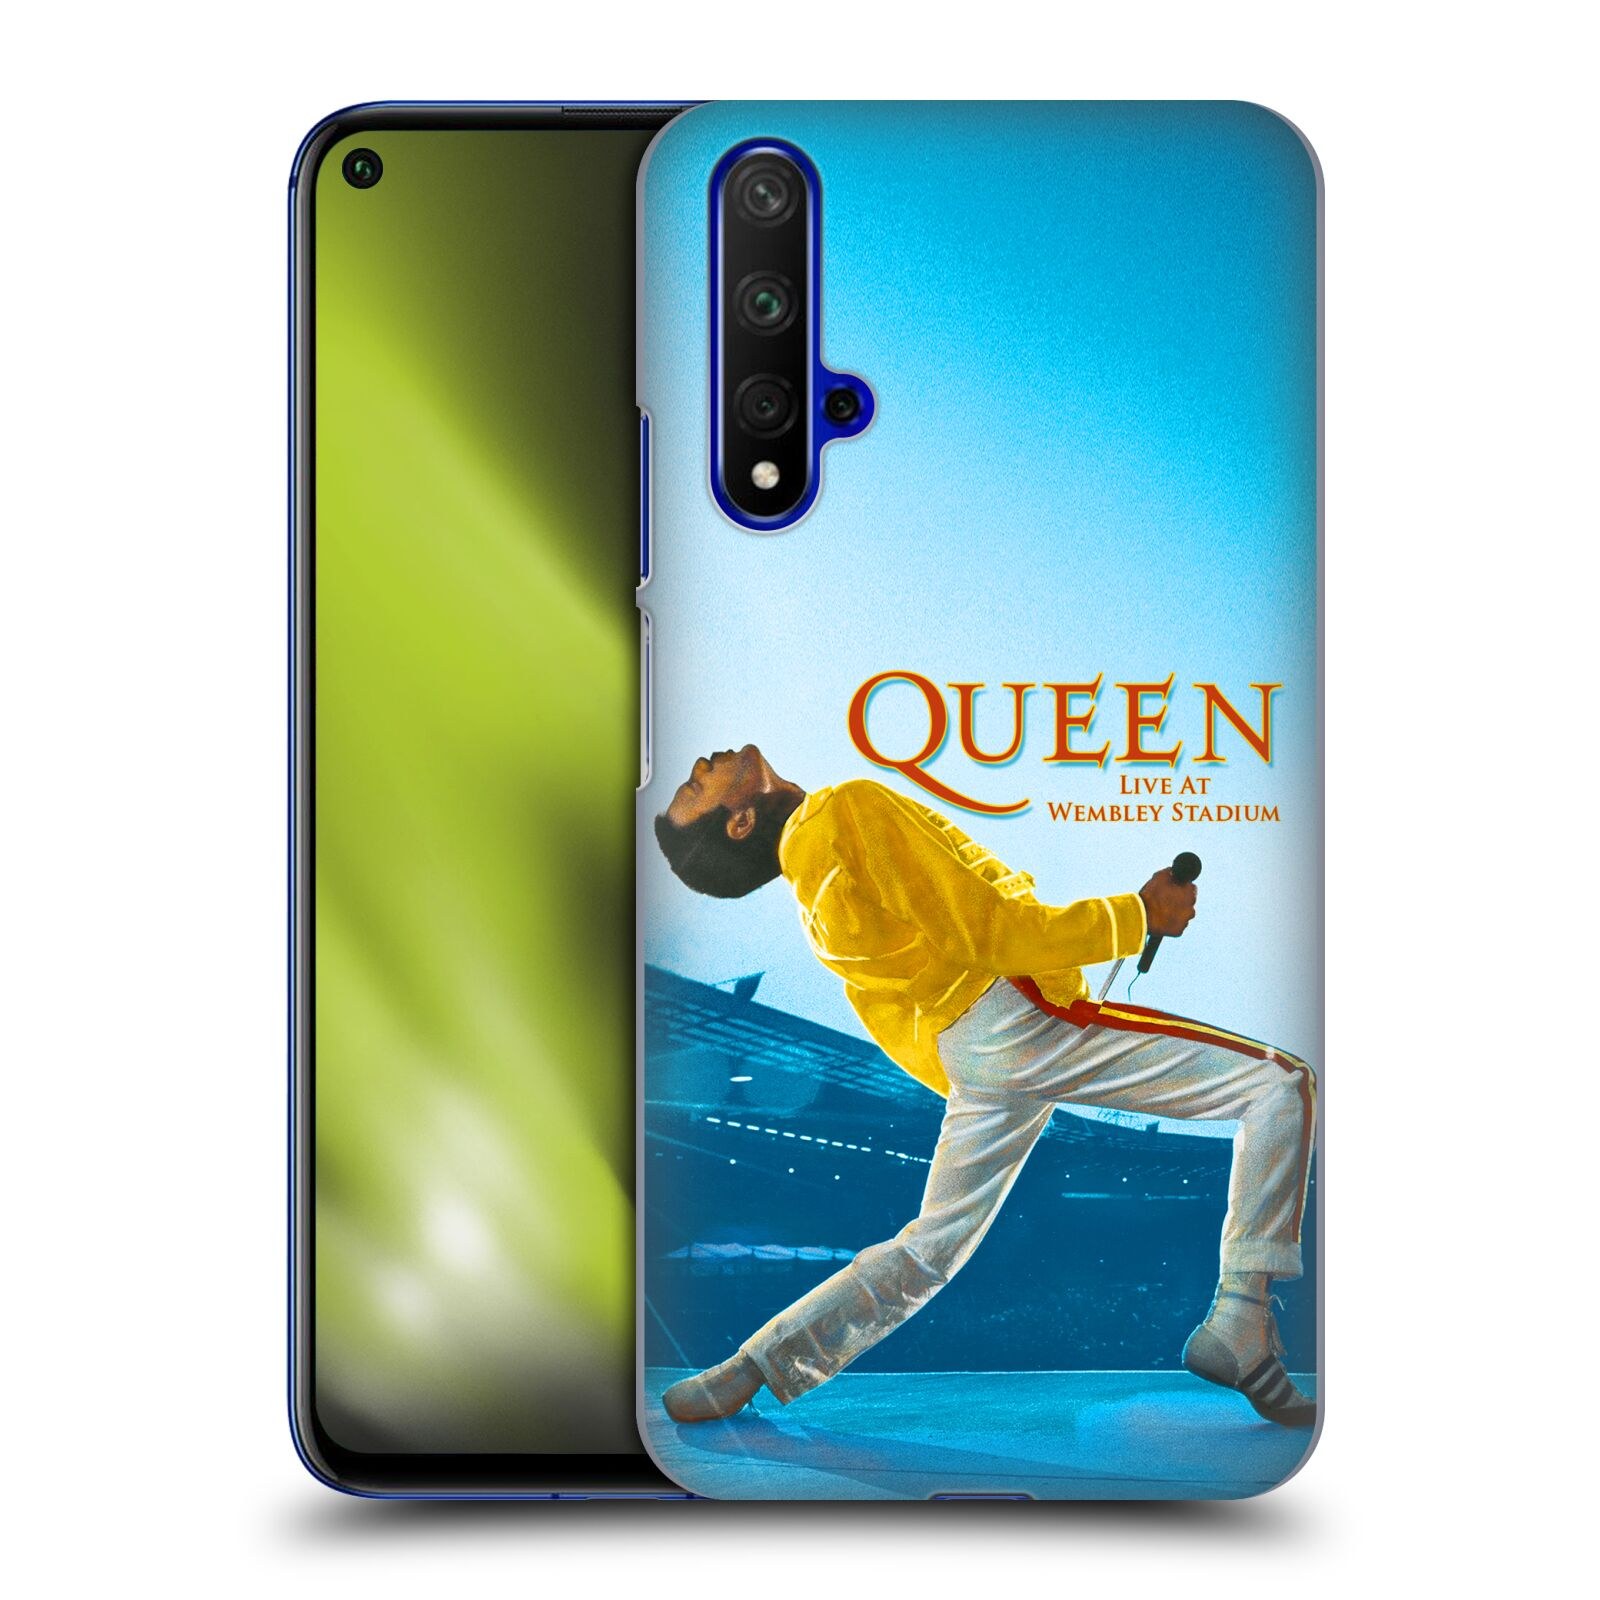 Plastové pouzdro na mobil Honor 20 - Head Case - Queen - Freddie Mercury